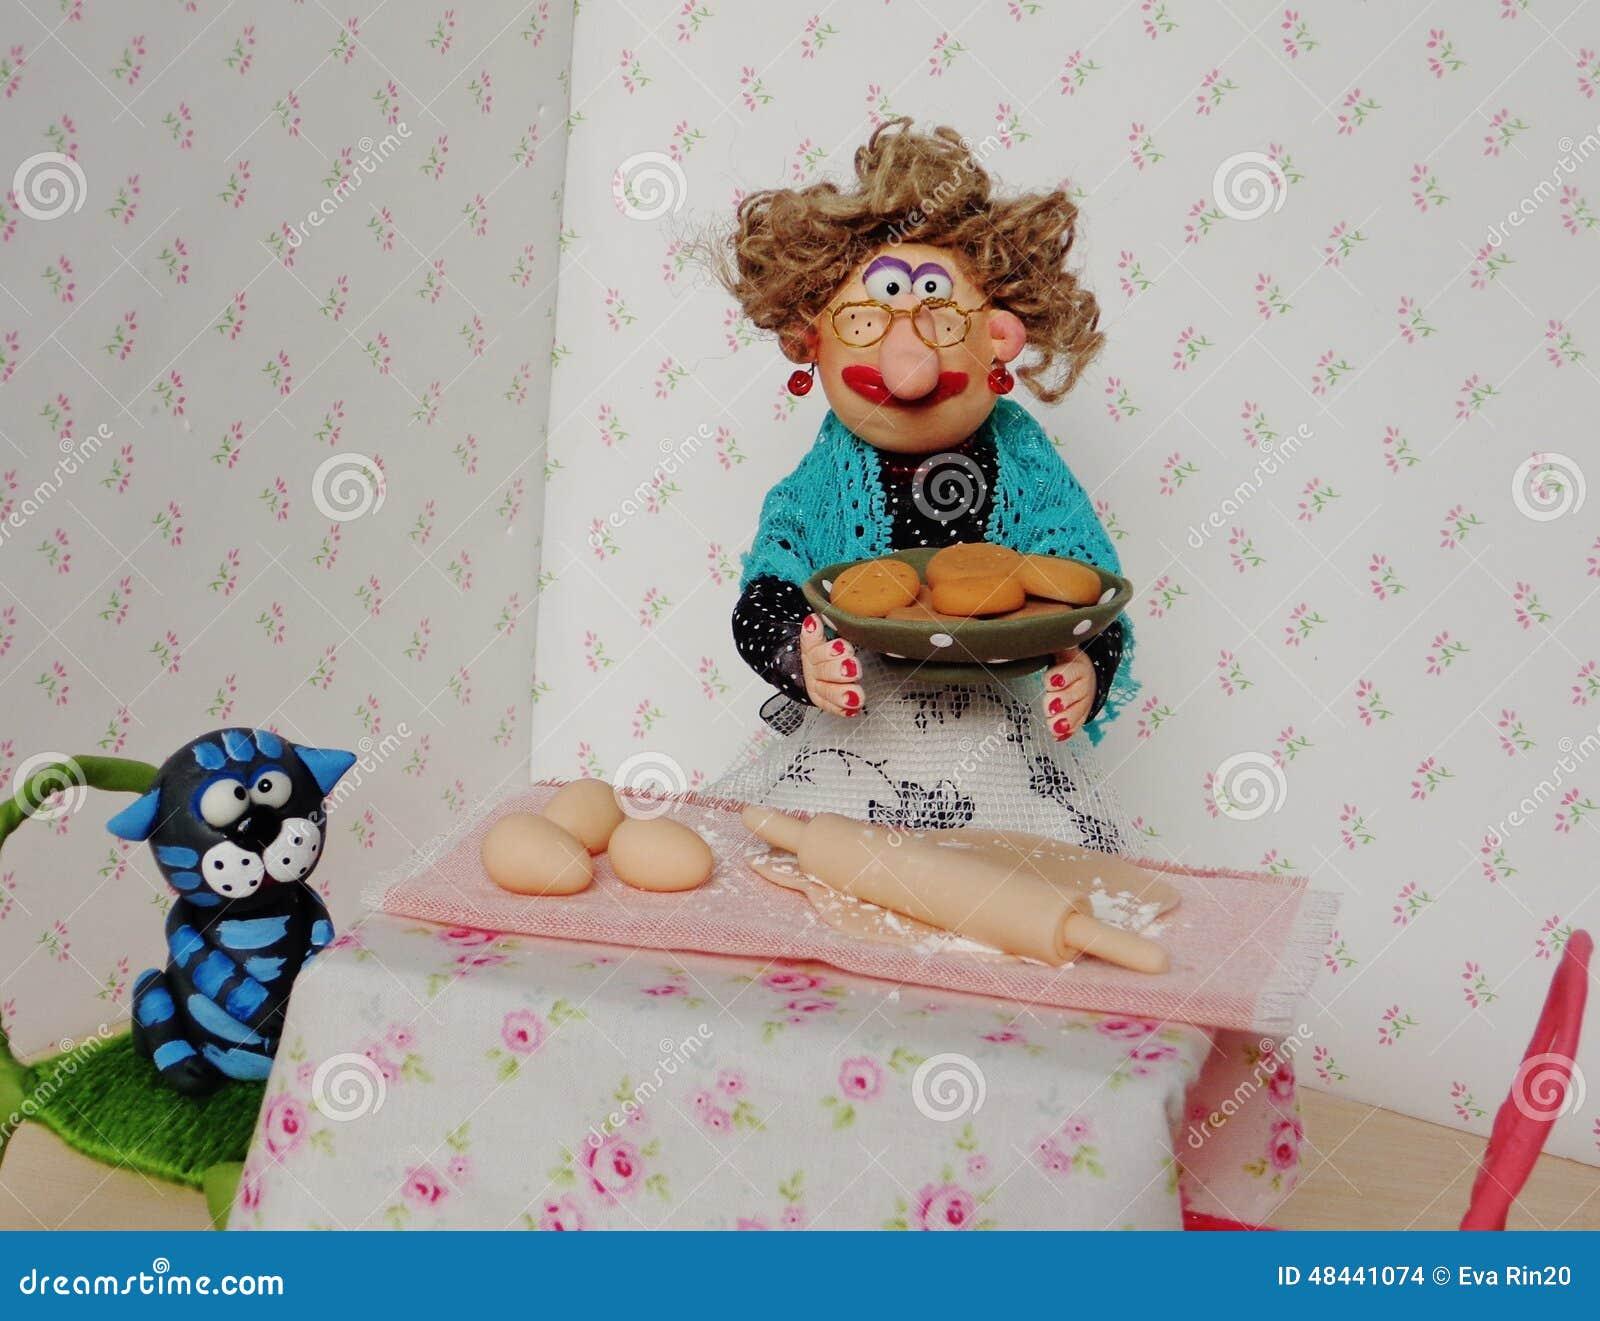 De kokende koekjes van de marionettenoma